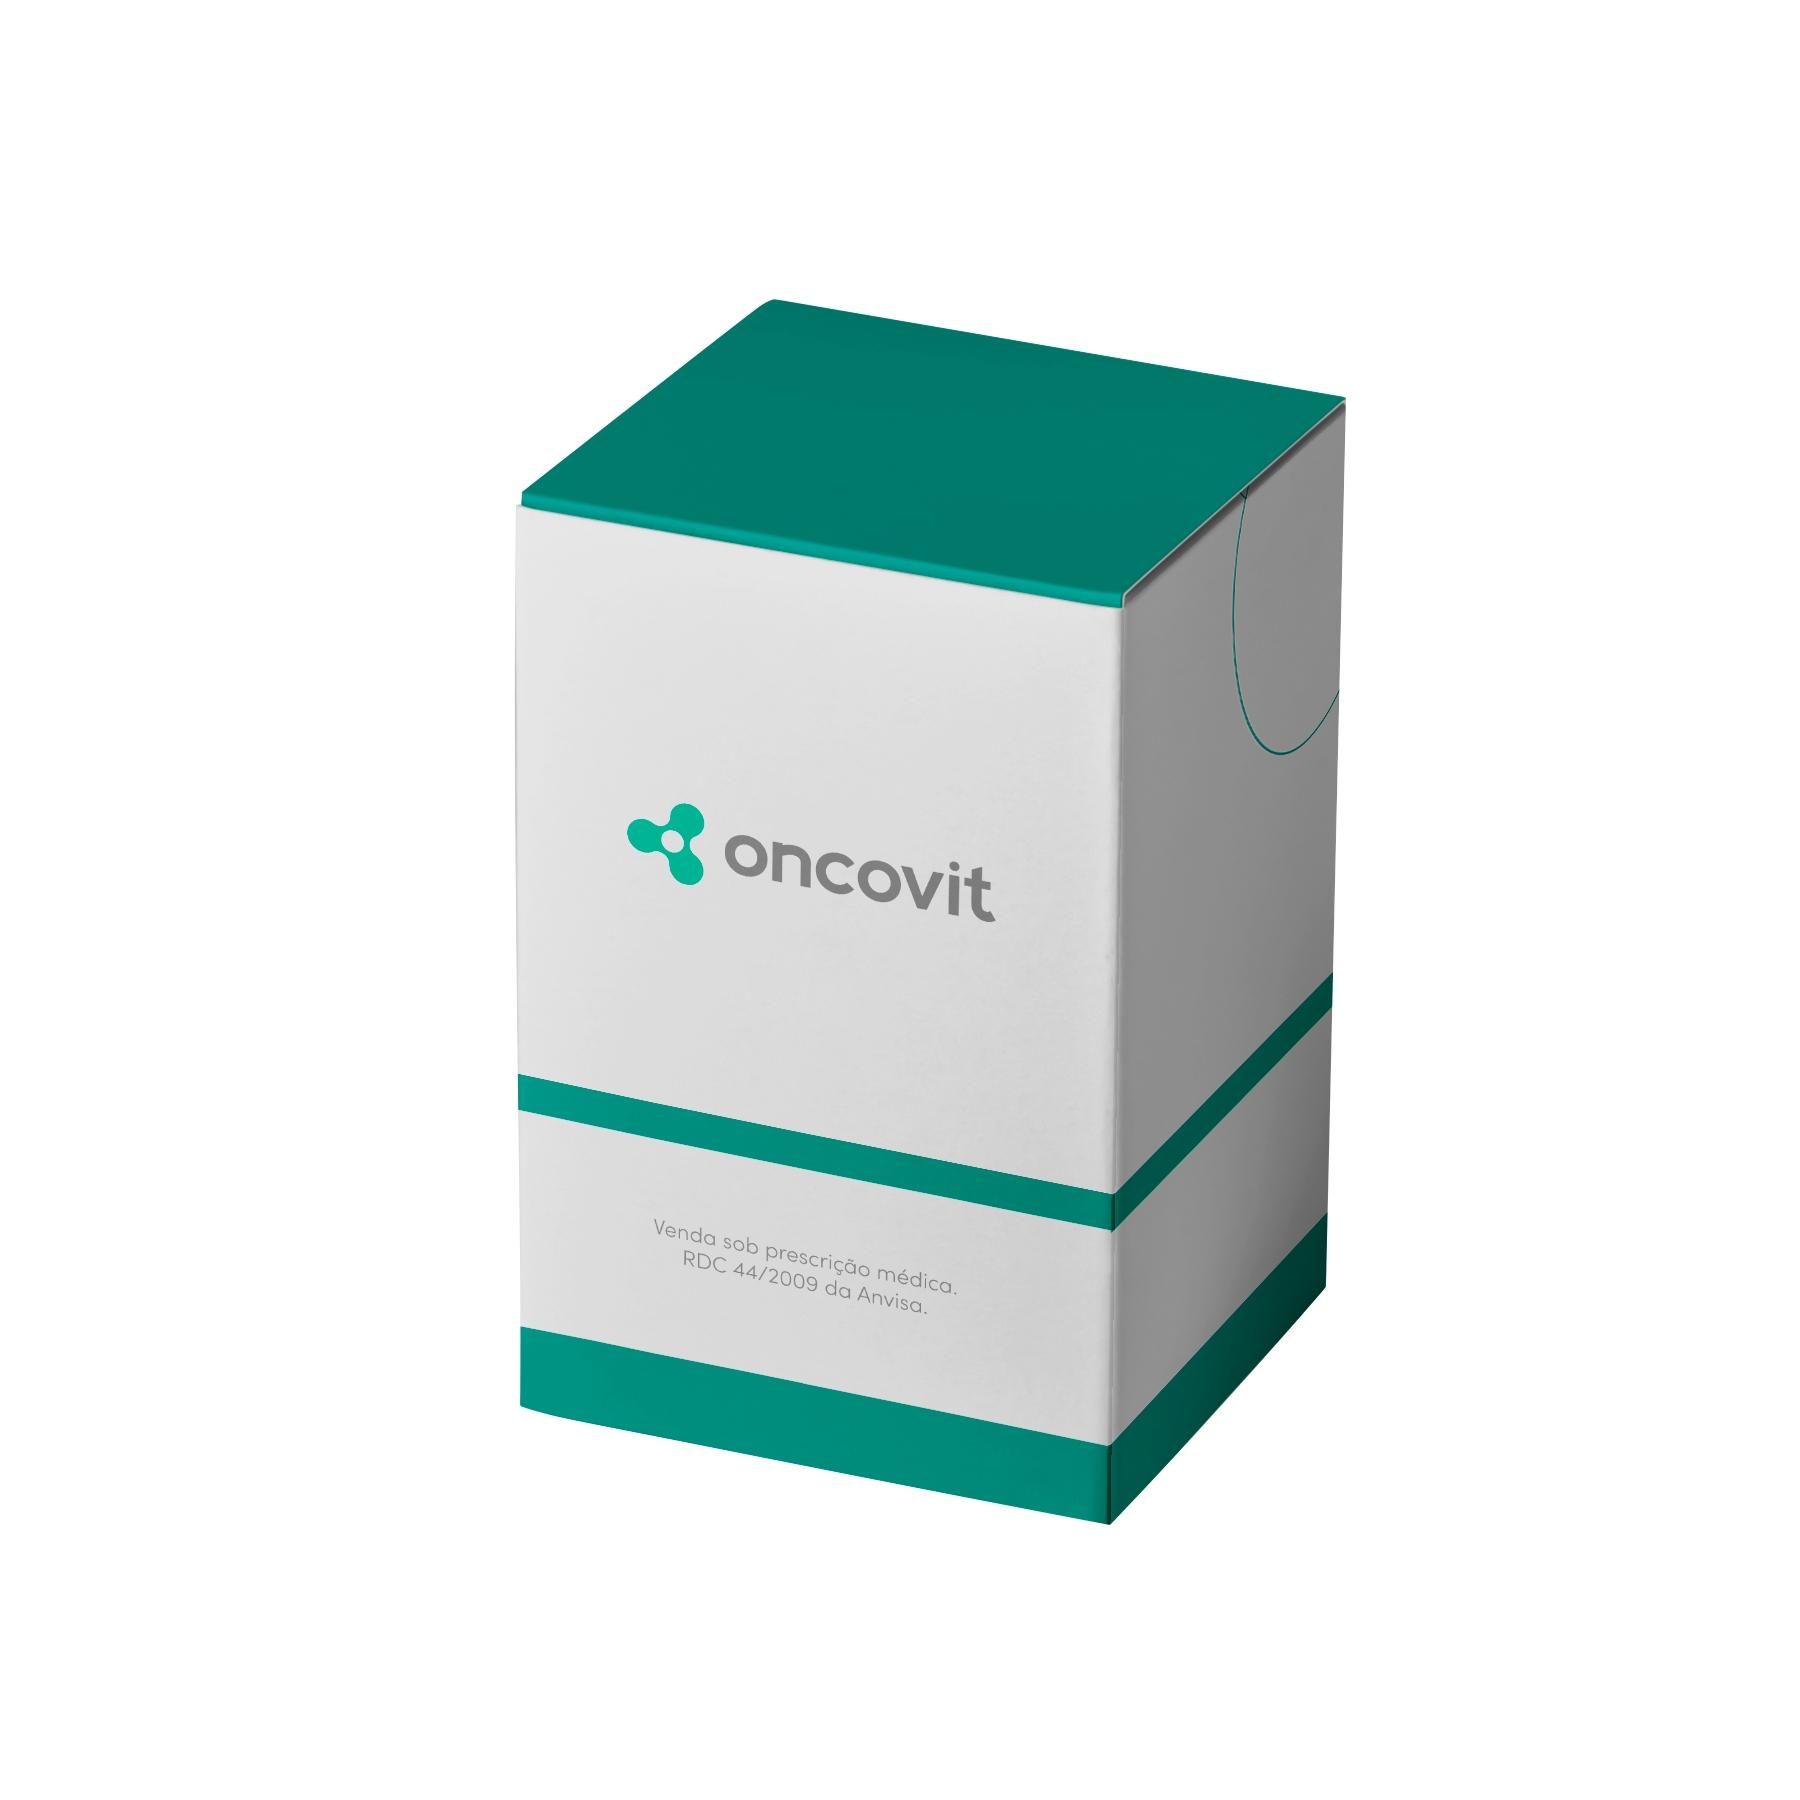 Omnitrope 10mg/1,5mL caixa com 1 carpule com 1,5mL de solução de uso subcutâneo - RECEITA RETIDA